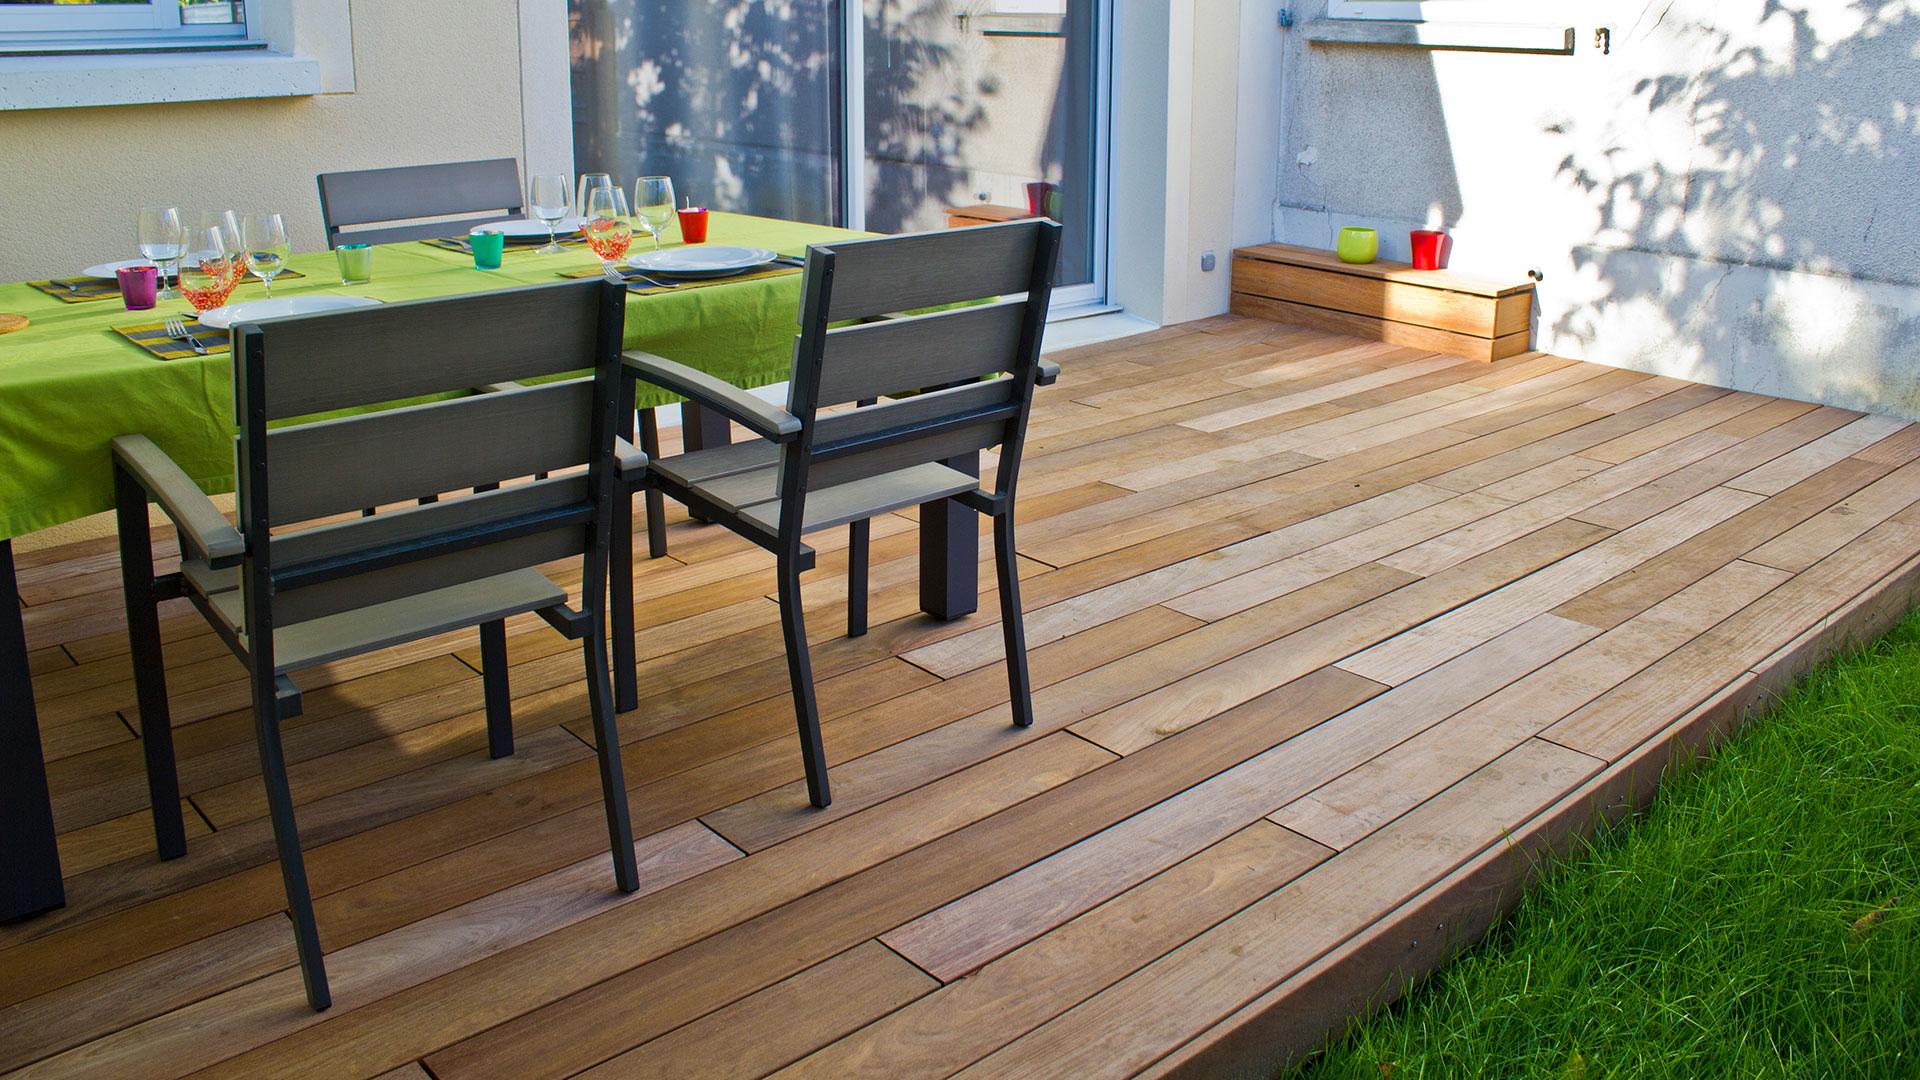 Terrasse En Bois Exotique lames terrasse bois exotique: ipé, massaranduba, cumaru